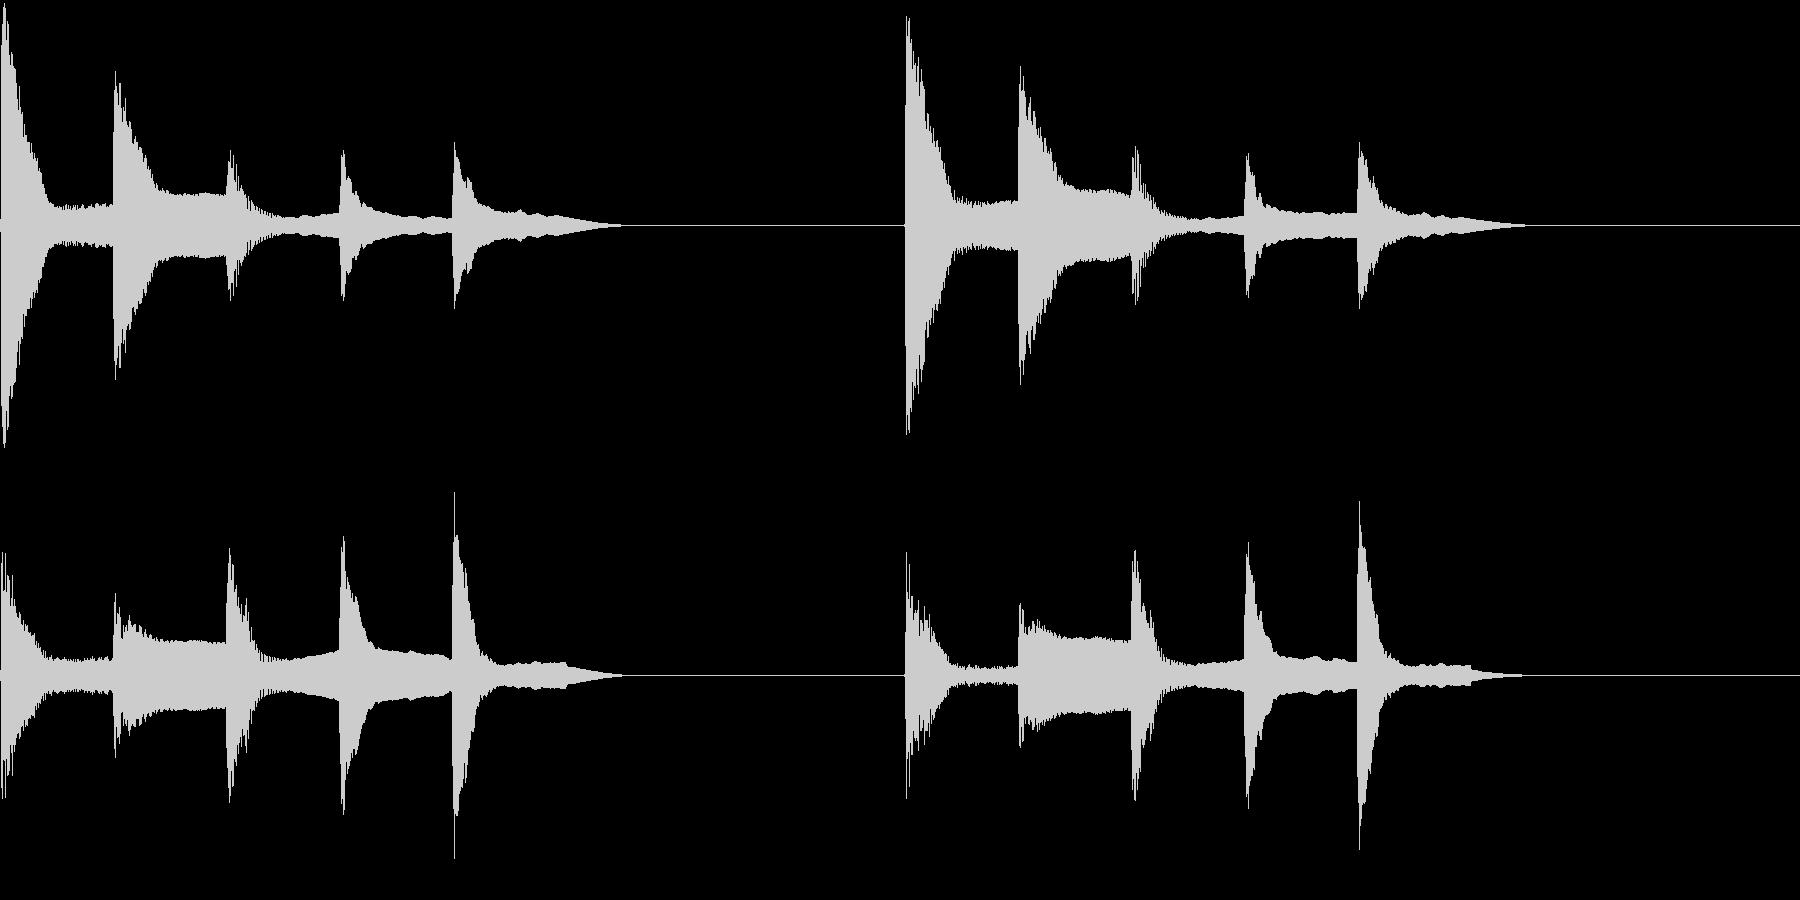 着信音 ループ お知らせ 通知 4の未再生の波形